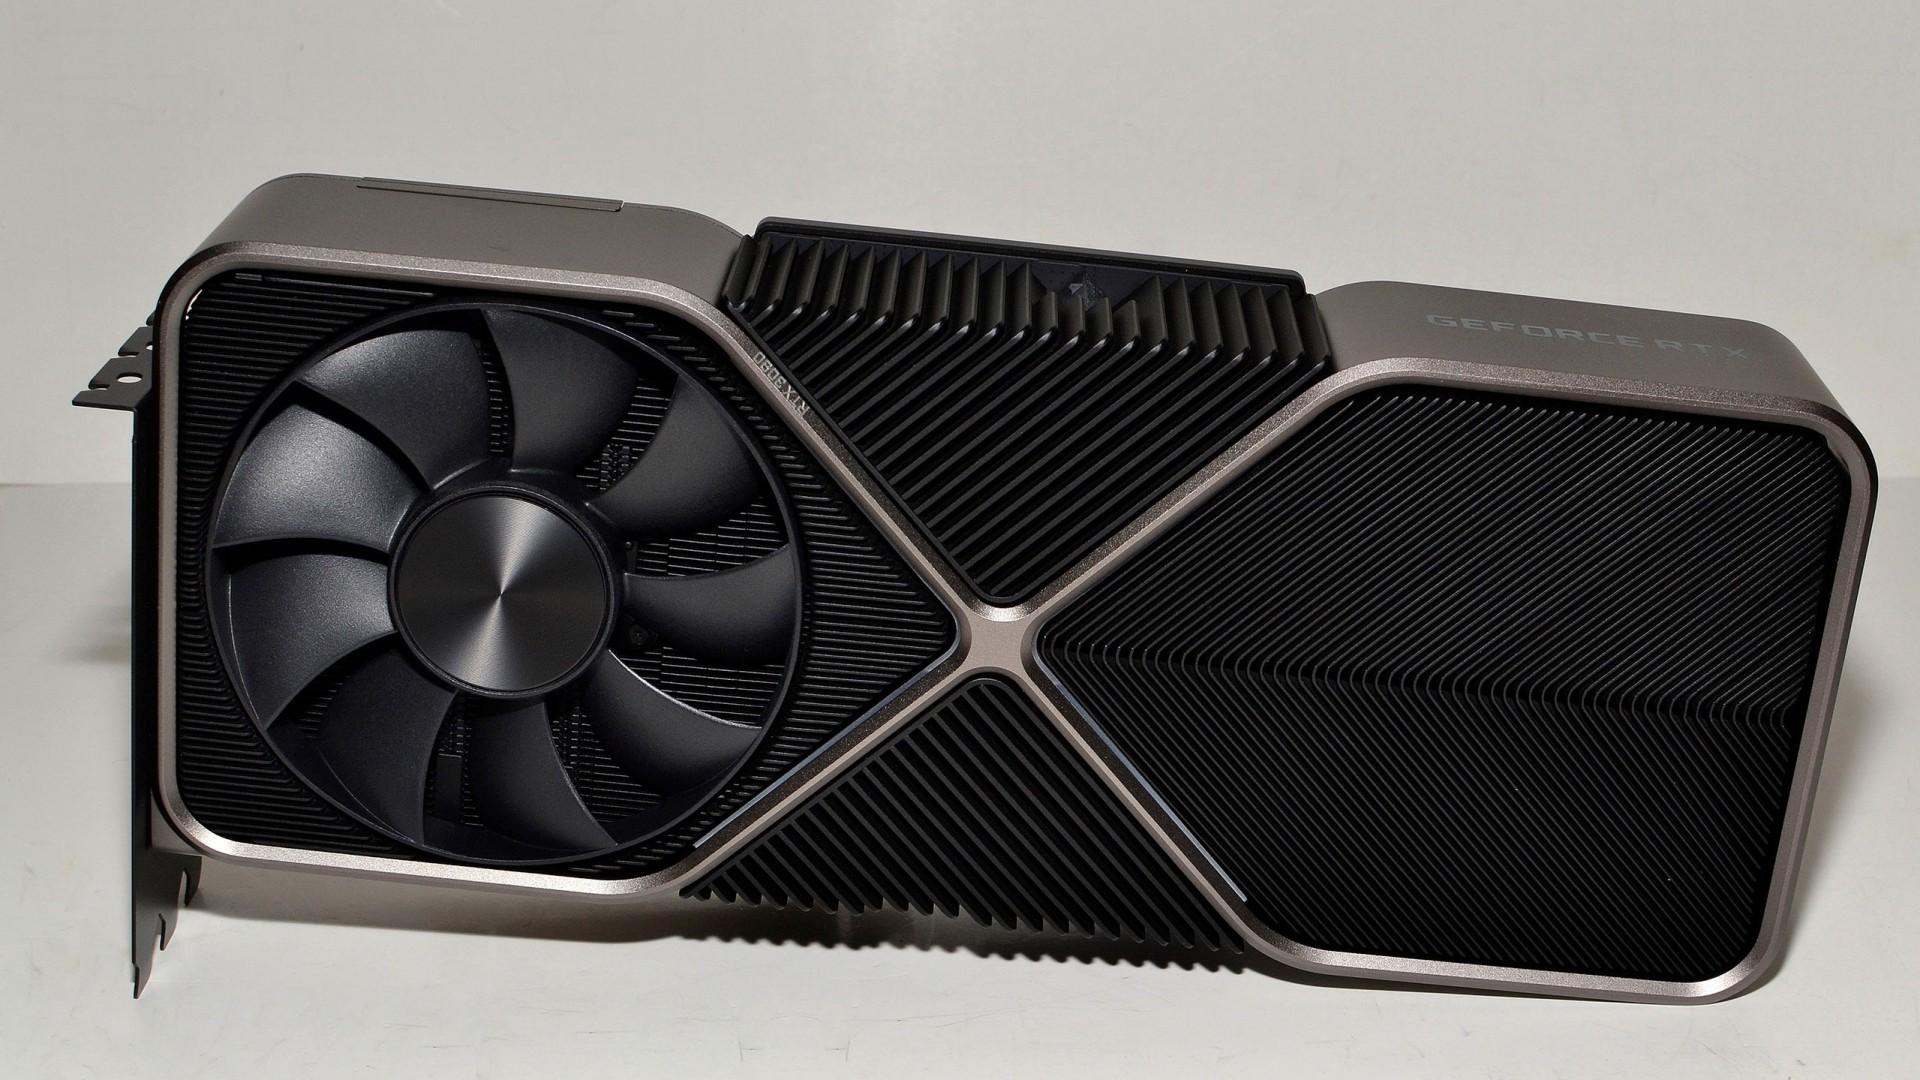 Новое поколение видеокарт от NVIDIA может стоить значительно дороже предыдущего